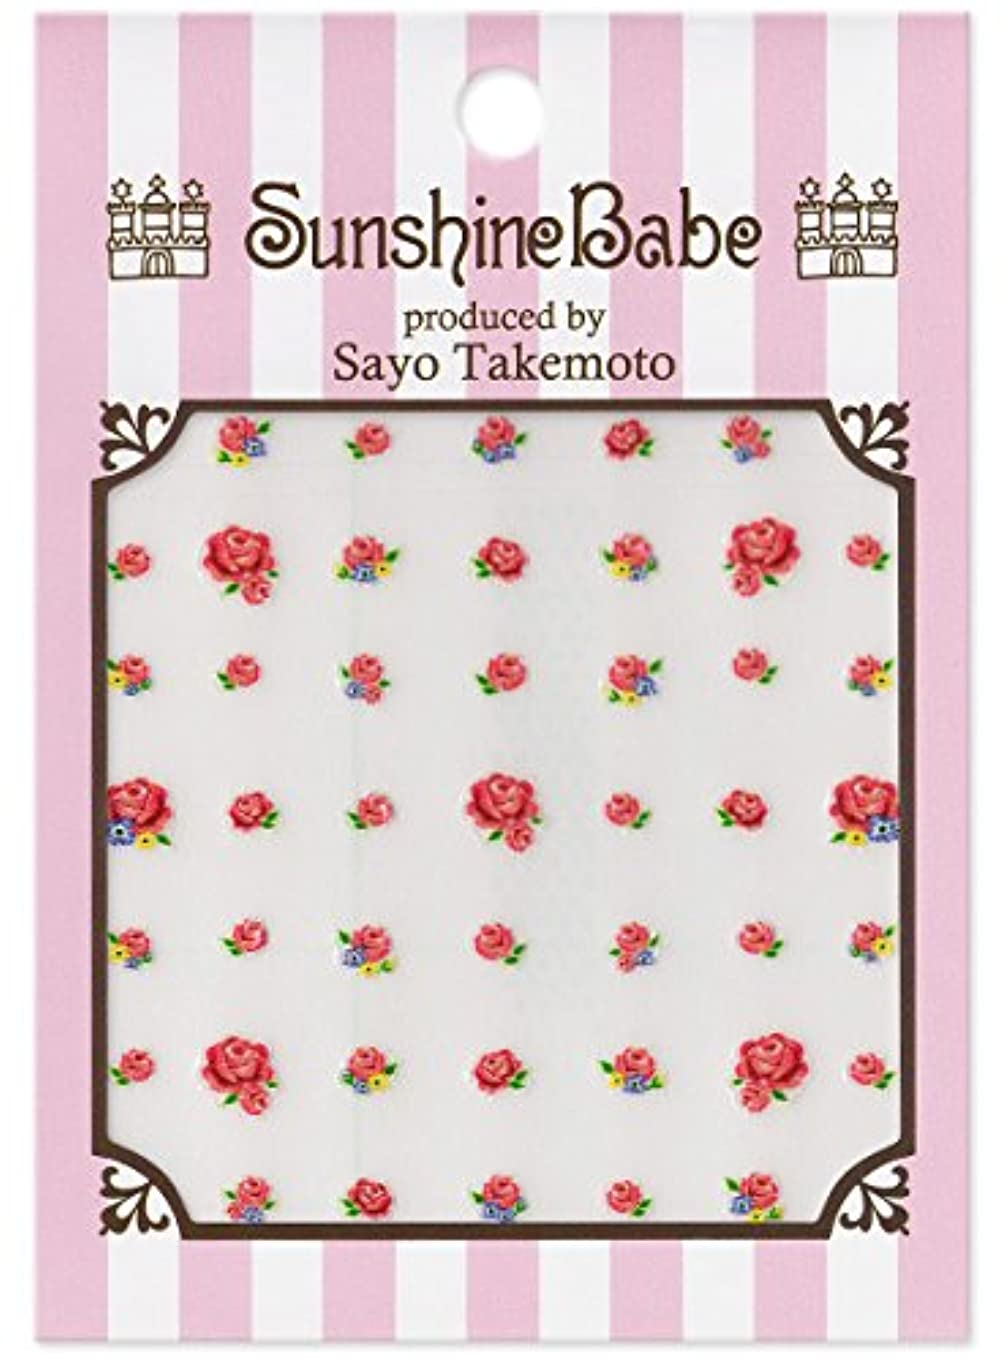 悪の消費する葬儀サンシャインベビー 武本小夜のネイルシール Sayo Style ローズ ピーチ